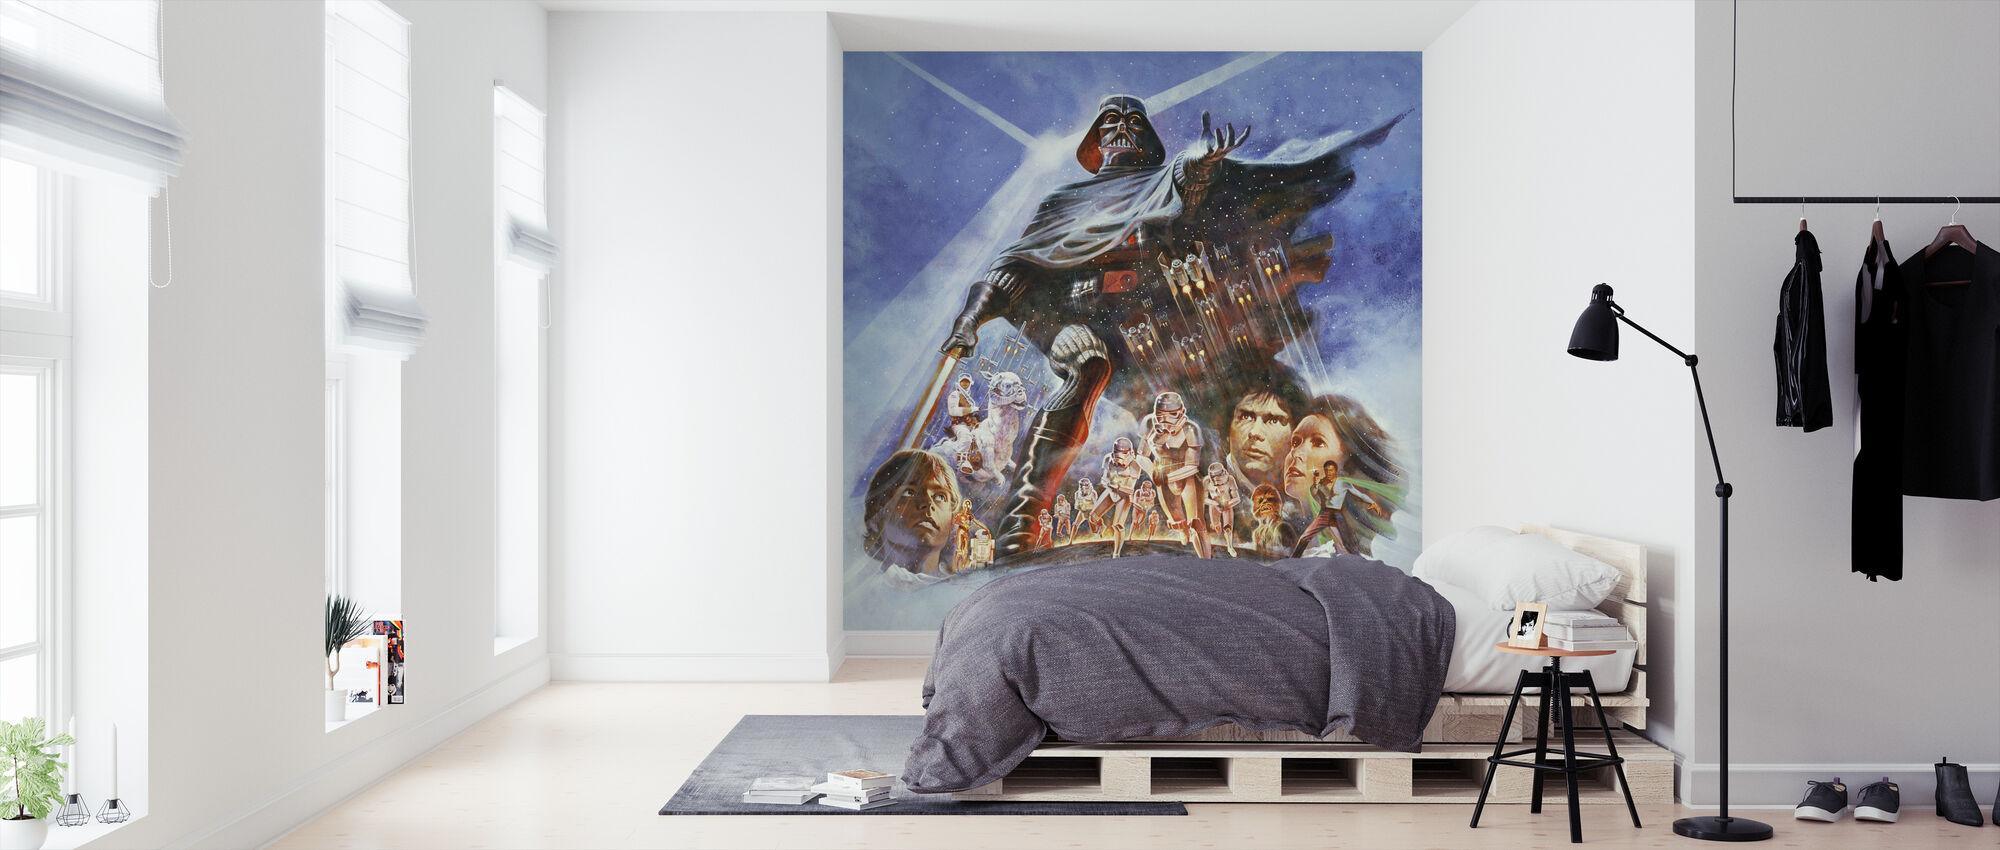 Stjärnornas krig - Darth Vader 2 - Tapet - Sovrum